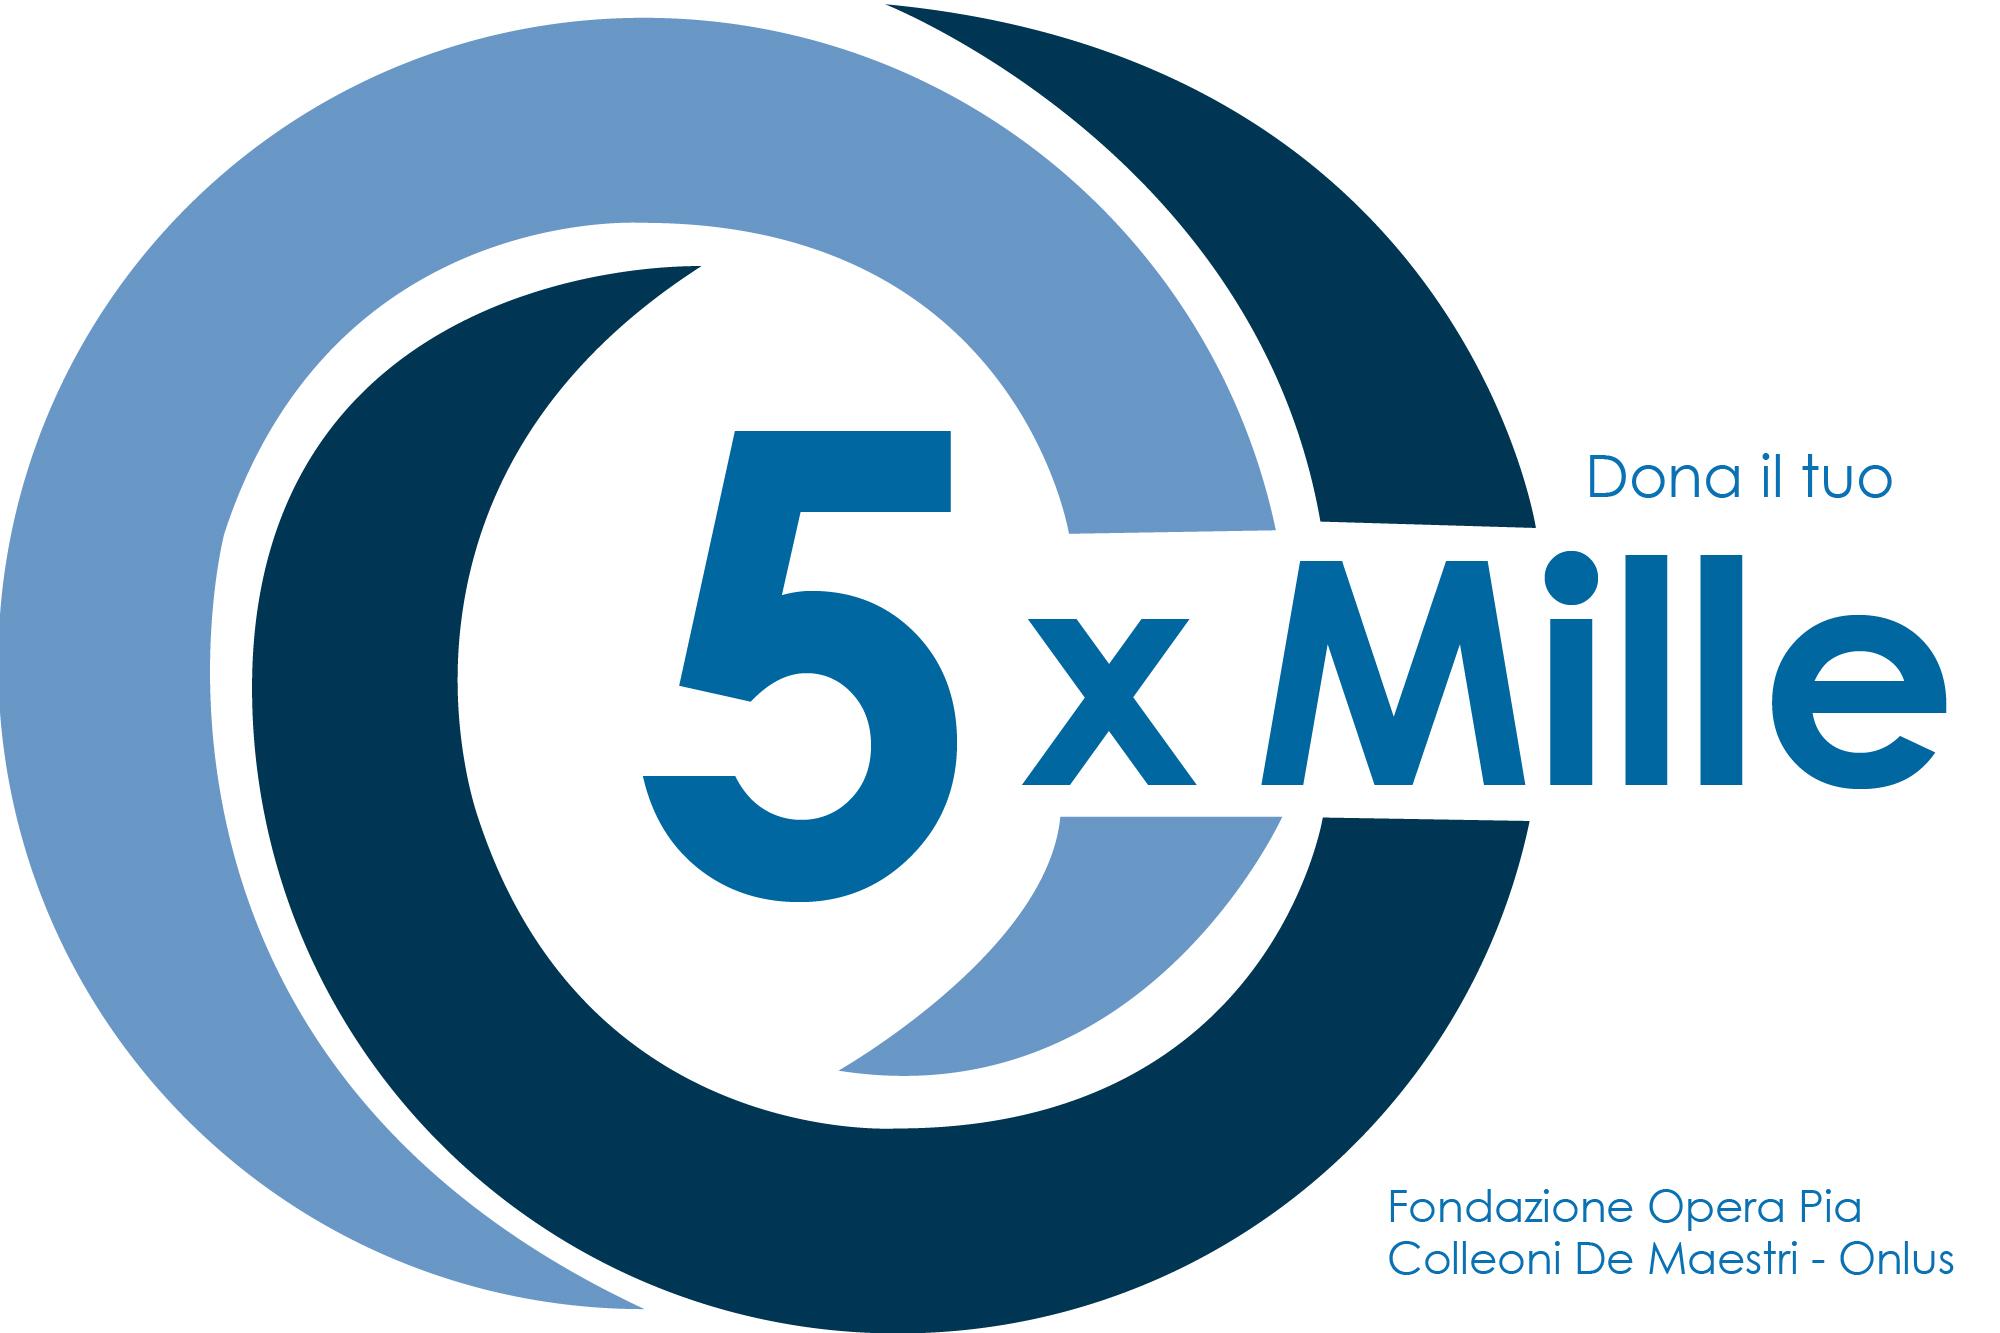 Dona Il Tuo 5xmille Alla Fondazione!